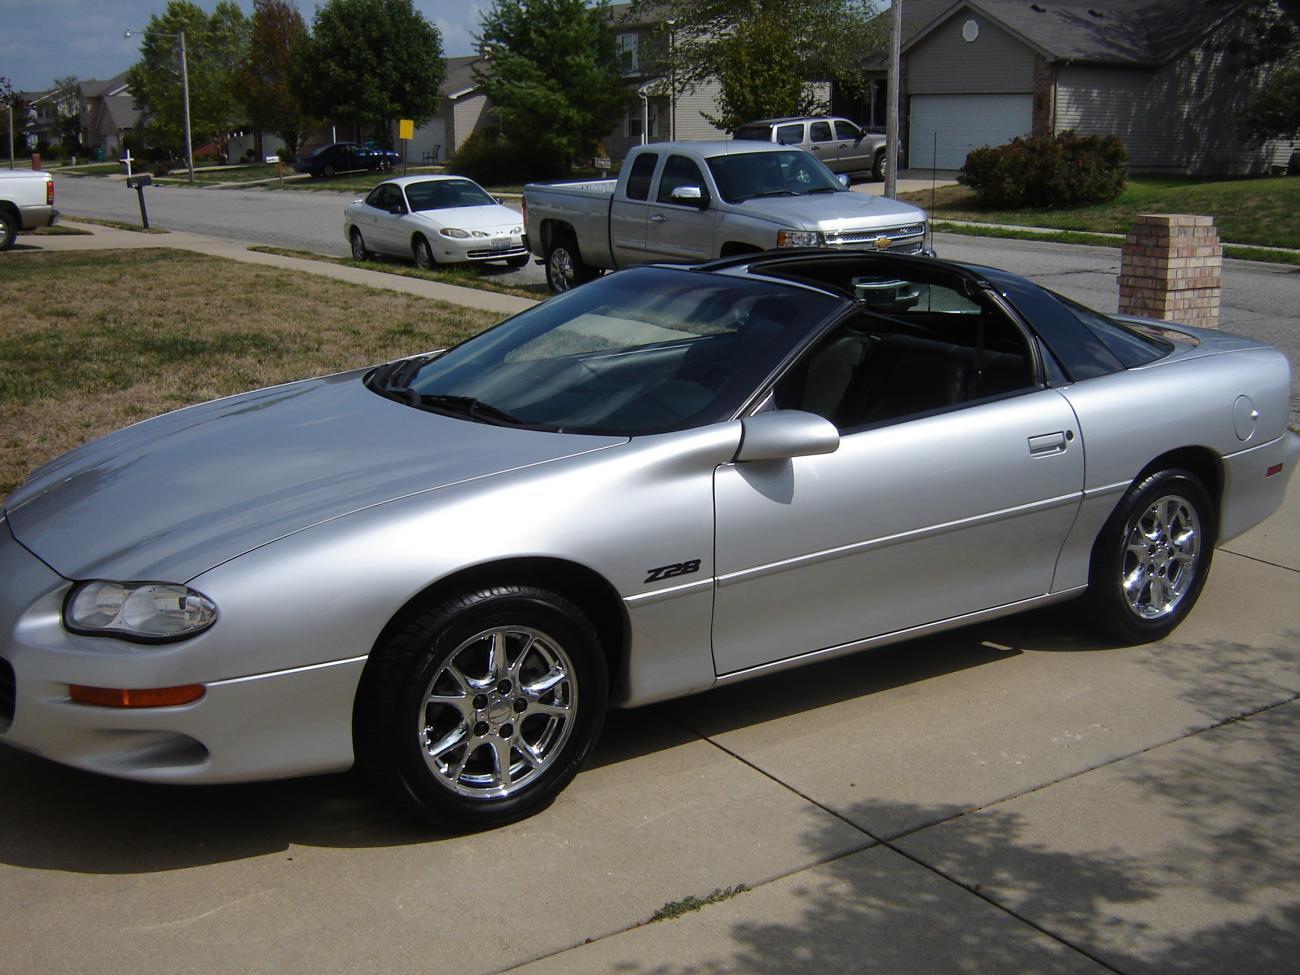 For Sale 2002 Z28 Silver Black 6spd 46k Miles